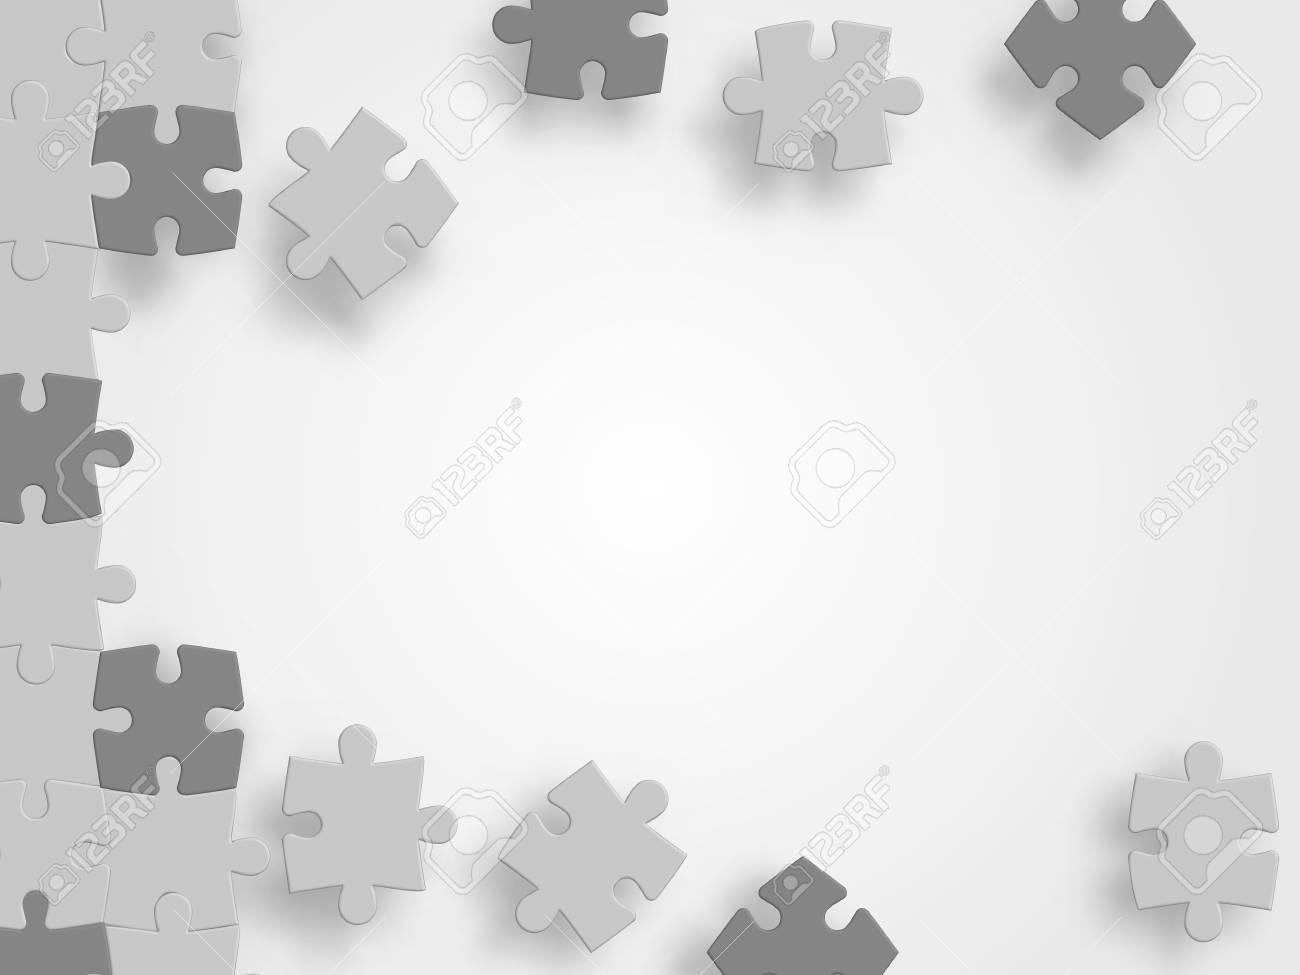 Fond De Vecteur Abstrait Fabriqué À Partir De Puzzle Puzzle Puzzle Puzzle .  Fond De Fond De Technologie . Illustration Vectorielle à Puzzle À Partir De Photo